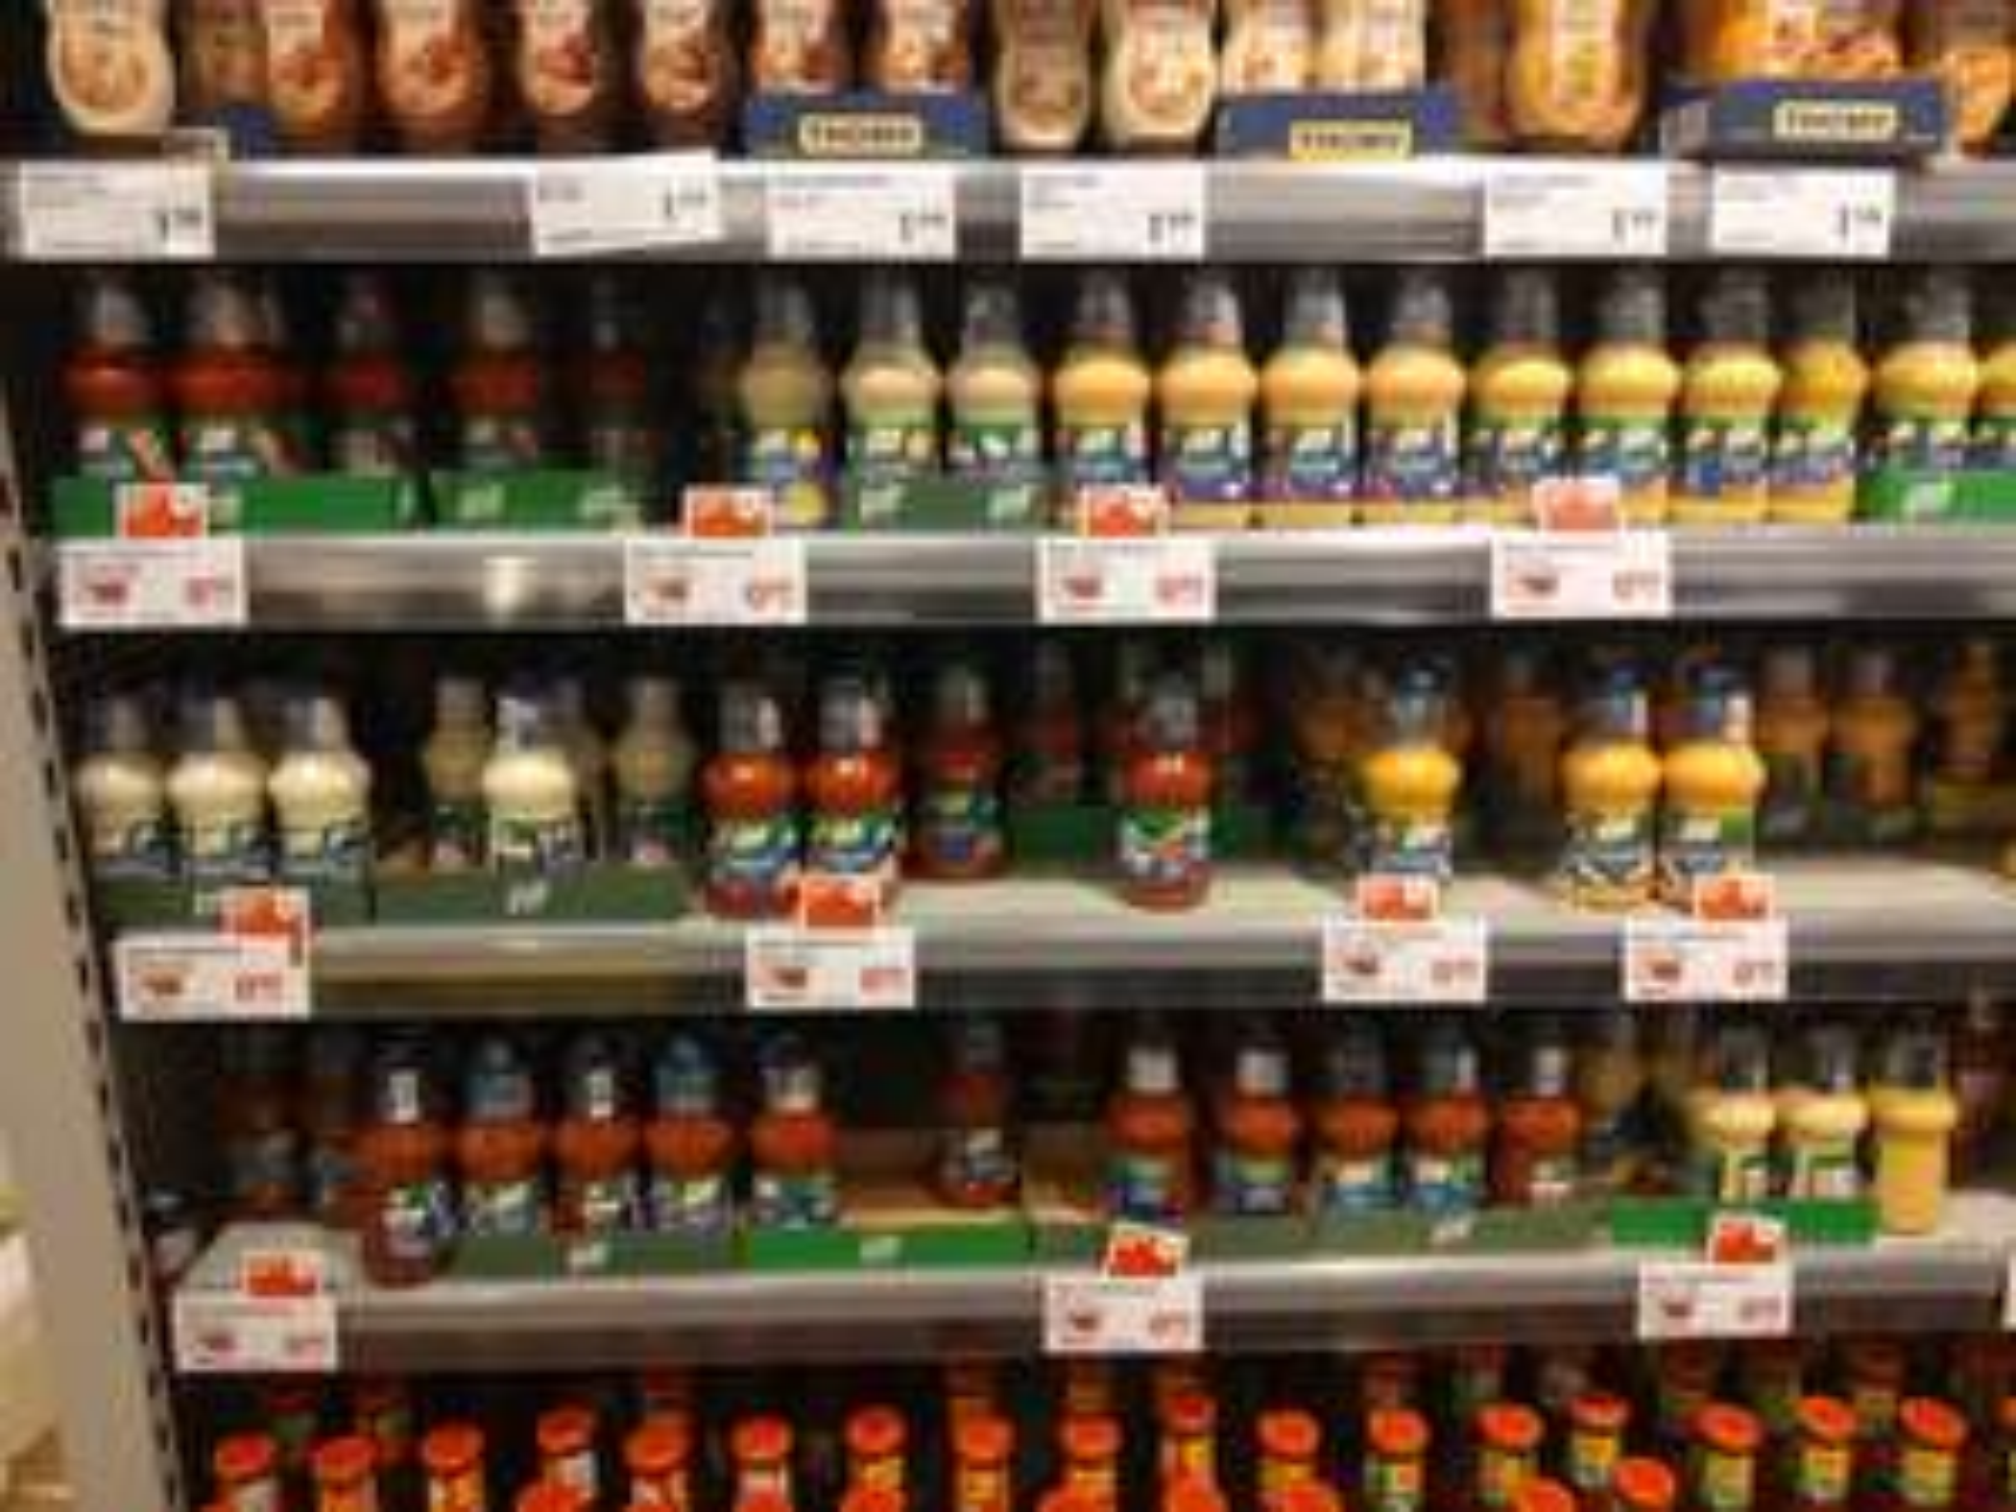 [lokal] Knorr Produkte reduziert - Globus Wiesental